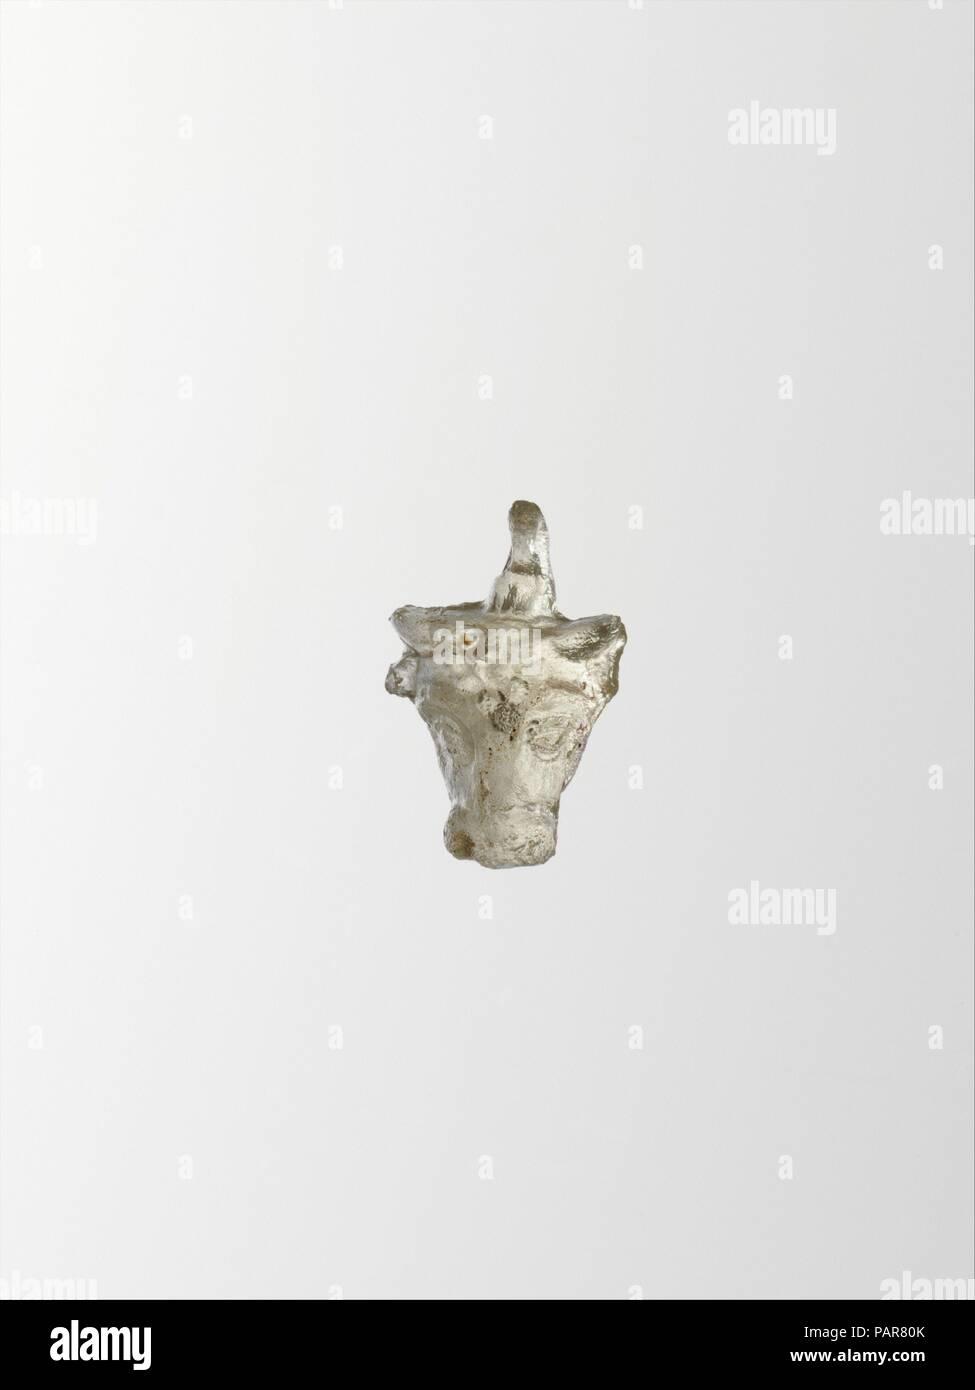 Colgante de Cristal en forma de cabeza de toro. Cultura: el griego, el Mediterráneo Oriental. Dimensiones: H.: 13/16. (2,1 cm). Fecha: finales de 2ª-1ª siglo A.C.. Incoloro. Sólido, vertical, colgante con marcas de molde, corriendo los costados y la parte superior de la cabeza y más de bucle; en la parte superior de la cabeza, un pequeño bucle; suspensión vertical plana con diminuto agujero central. Cabeza de Toro, con cuernos y orejas, cejas prominentes y ojos saltones; roseta de estrellas en la frente. Intacto pero desconchados alrededor de los bordes; algunas picaduras y tenues meteorización iridiscentes. Museo: Museo Metropolitano de Arte, Nueva York, Estados Unidos. Foto de stock